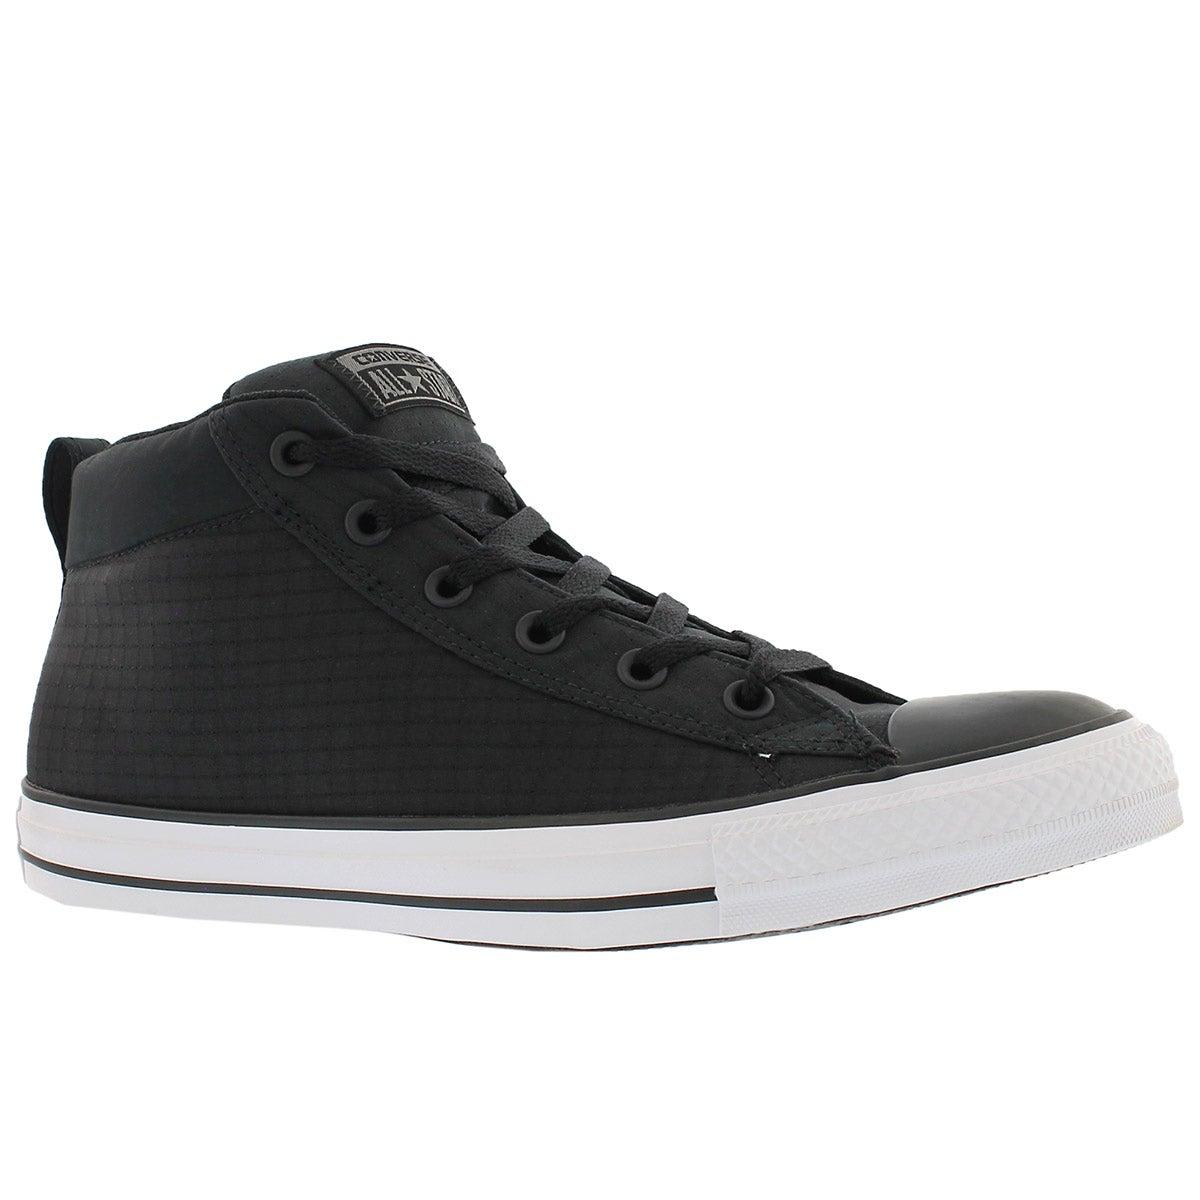 Men's CT ALL STAR STREET black/white sneakers